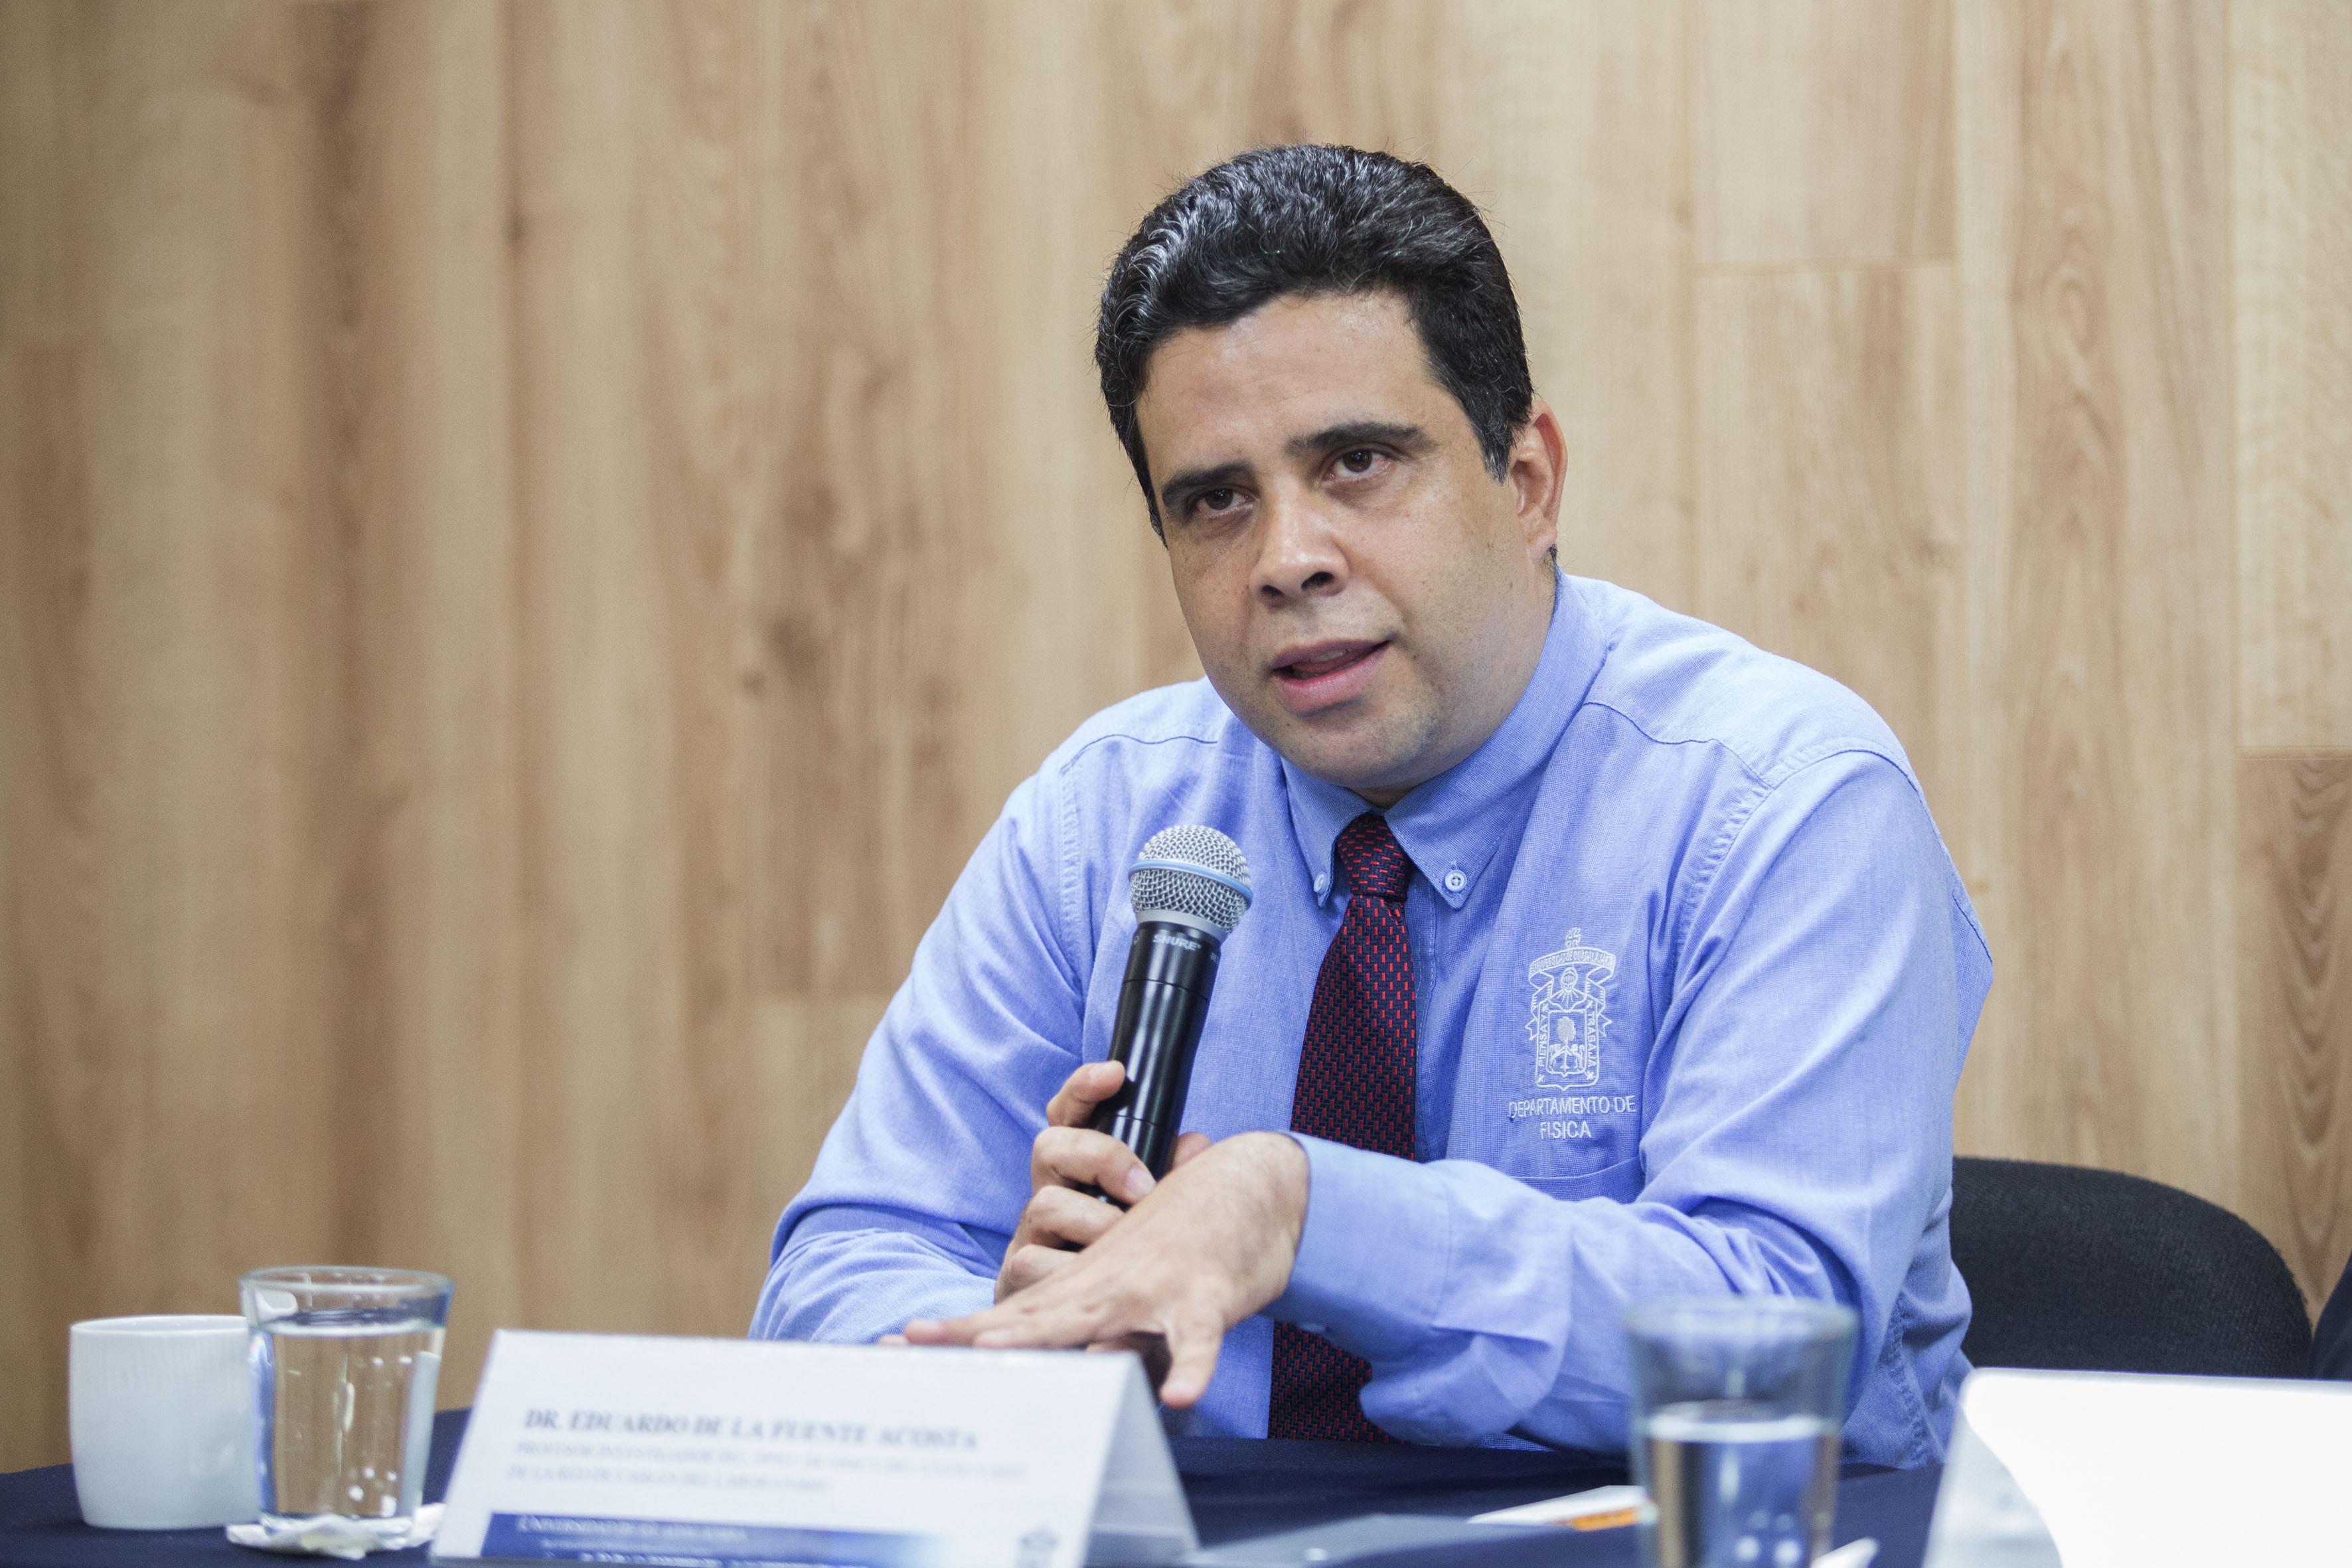 Doctor Eduardo de la Fuente Acosta, profesor investigador del Departamento de Física del CUCEI, haciendo uso de la palabra.